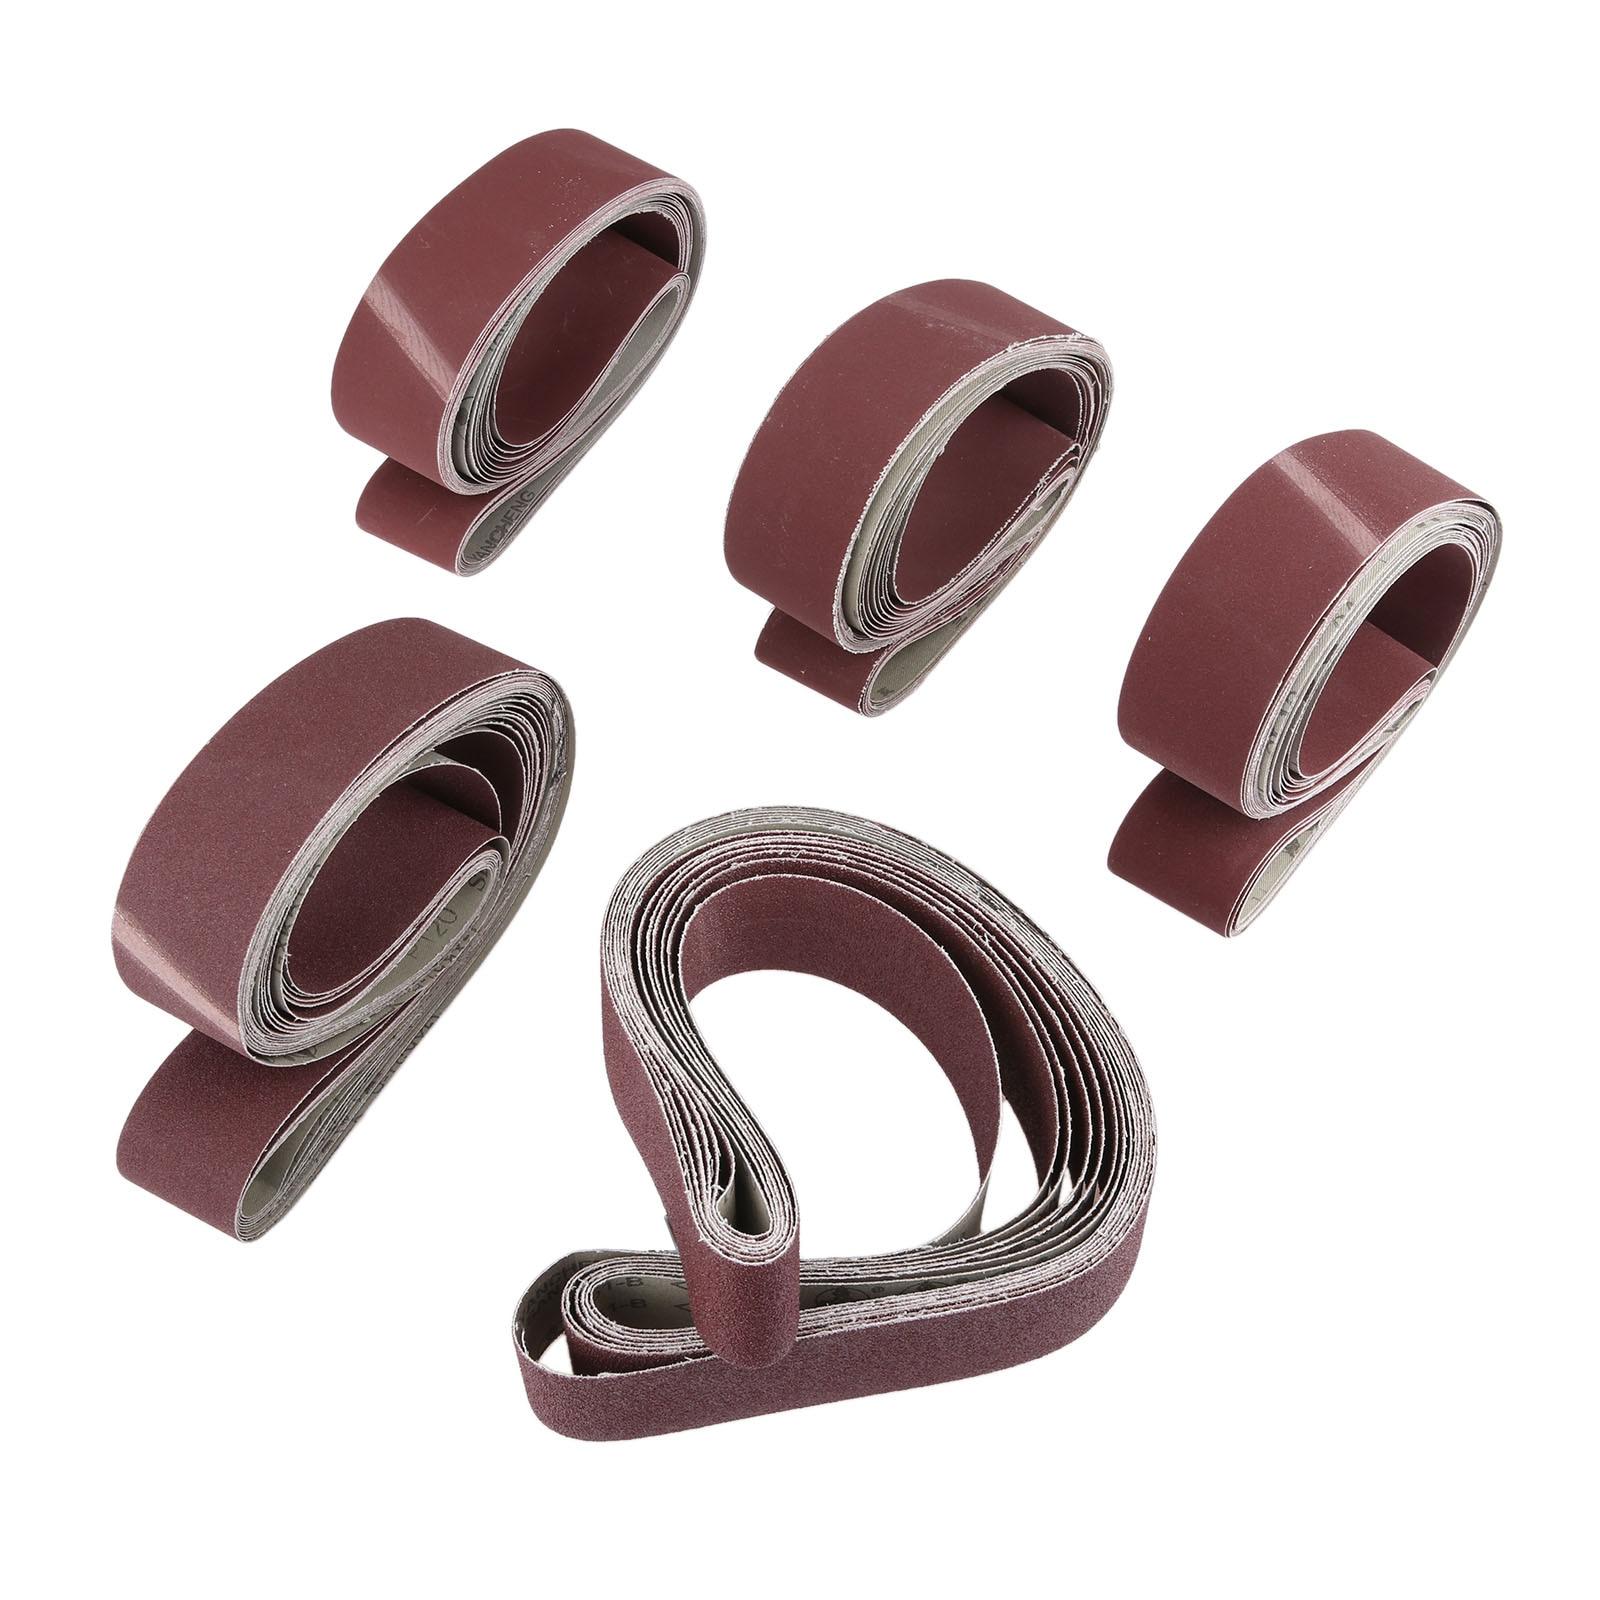 10Pcs 50x1220mm Polishing Abrasive Sanding Belts Grit 60-600 Coarse Grinding Belt Grinder Sander Belt Dremel Accessories 48*2